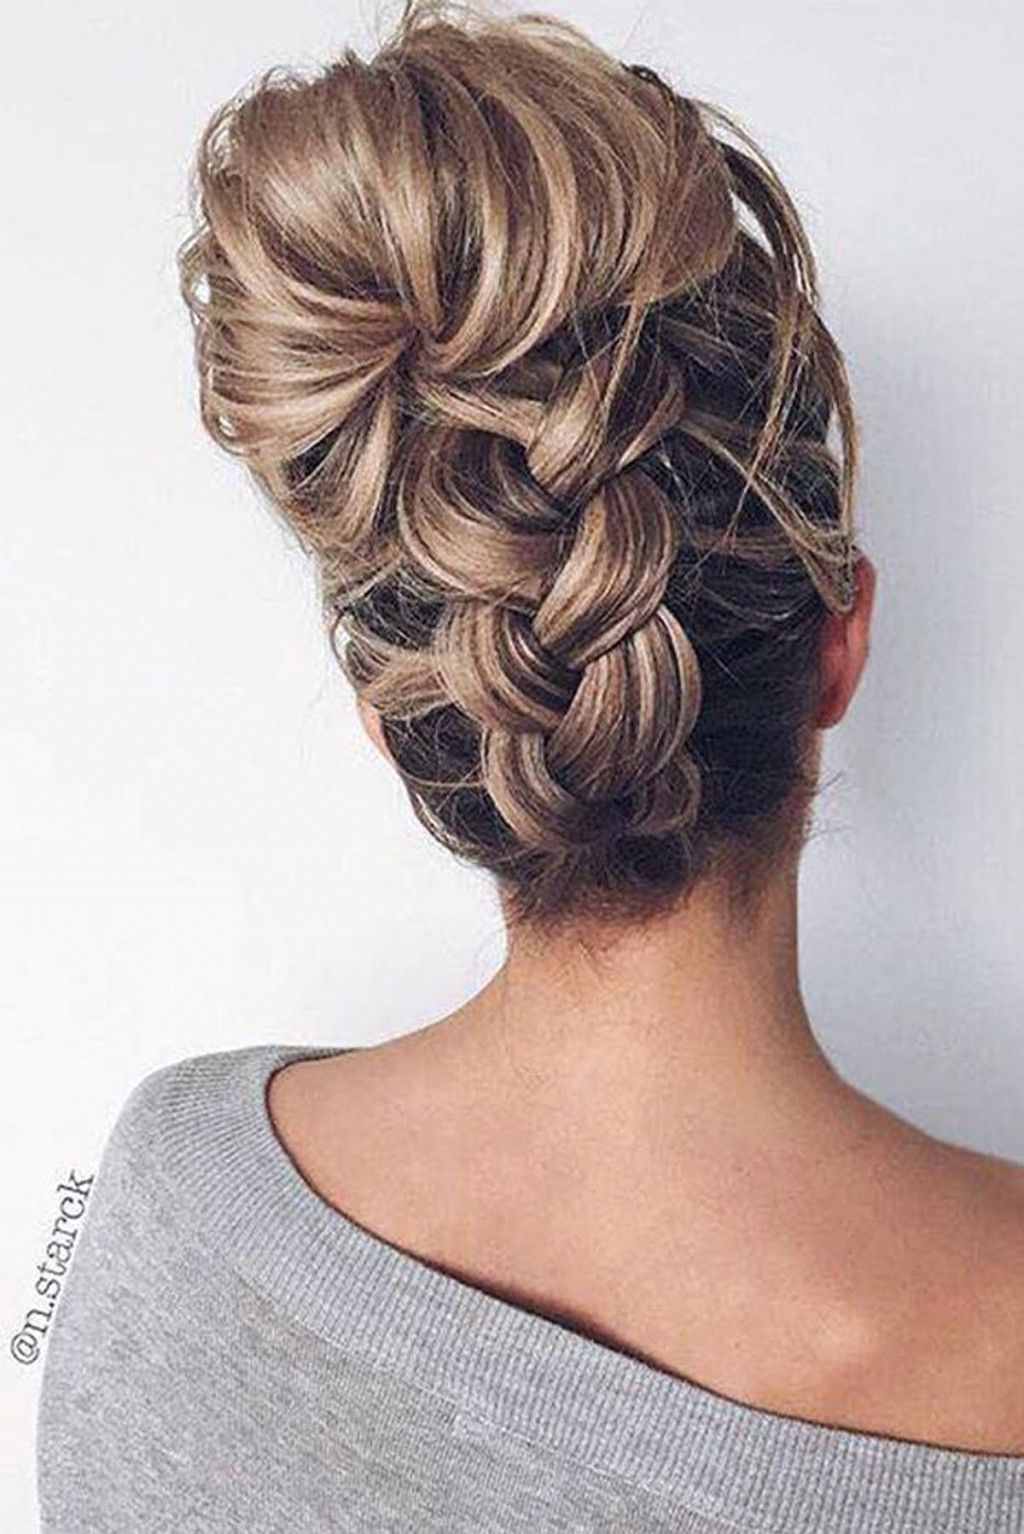 Frisuren Hochzeitsgast Frisurentrends Hochsteckfrisuren Lange Haare Geflochtene Frisuren Frisur Hochgesteckt